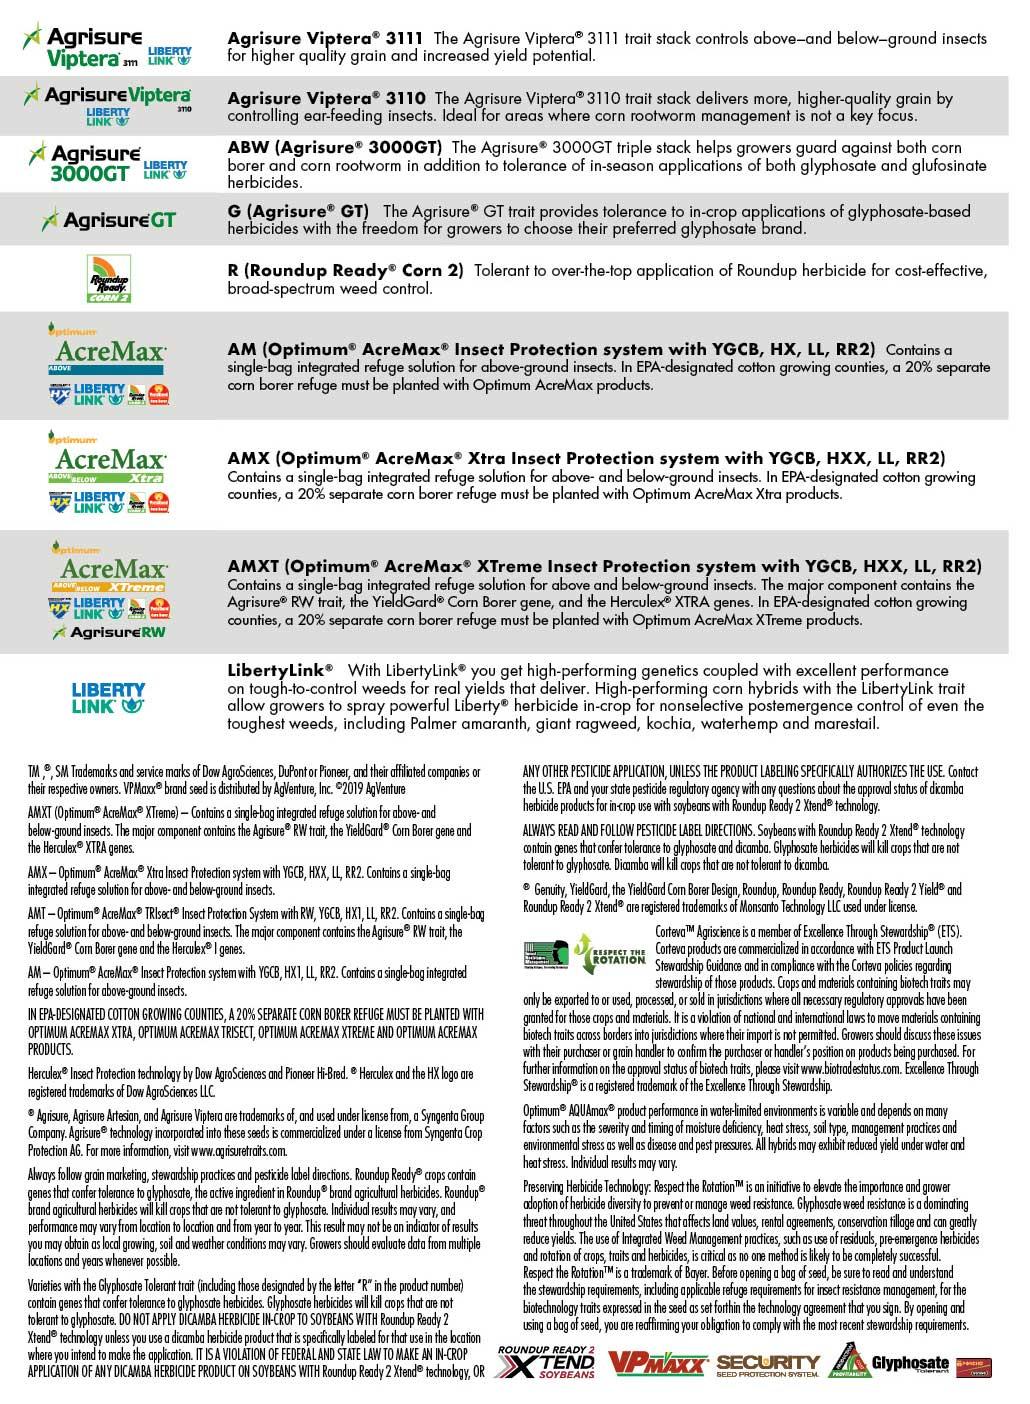 Agventure legal information